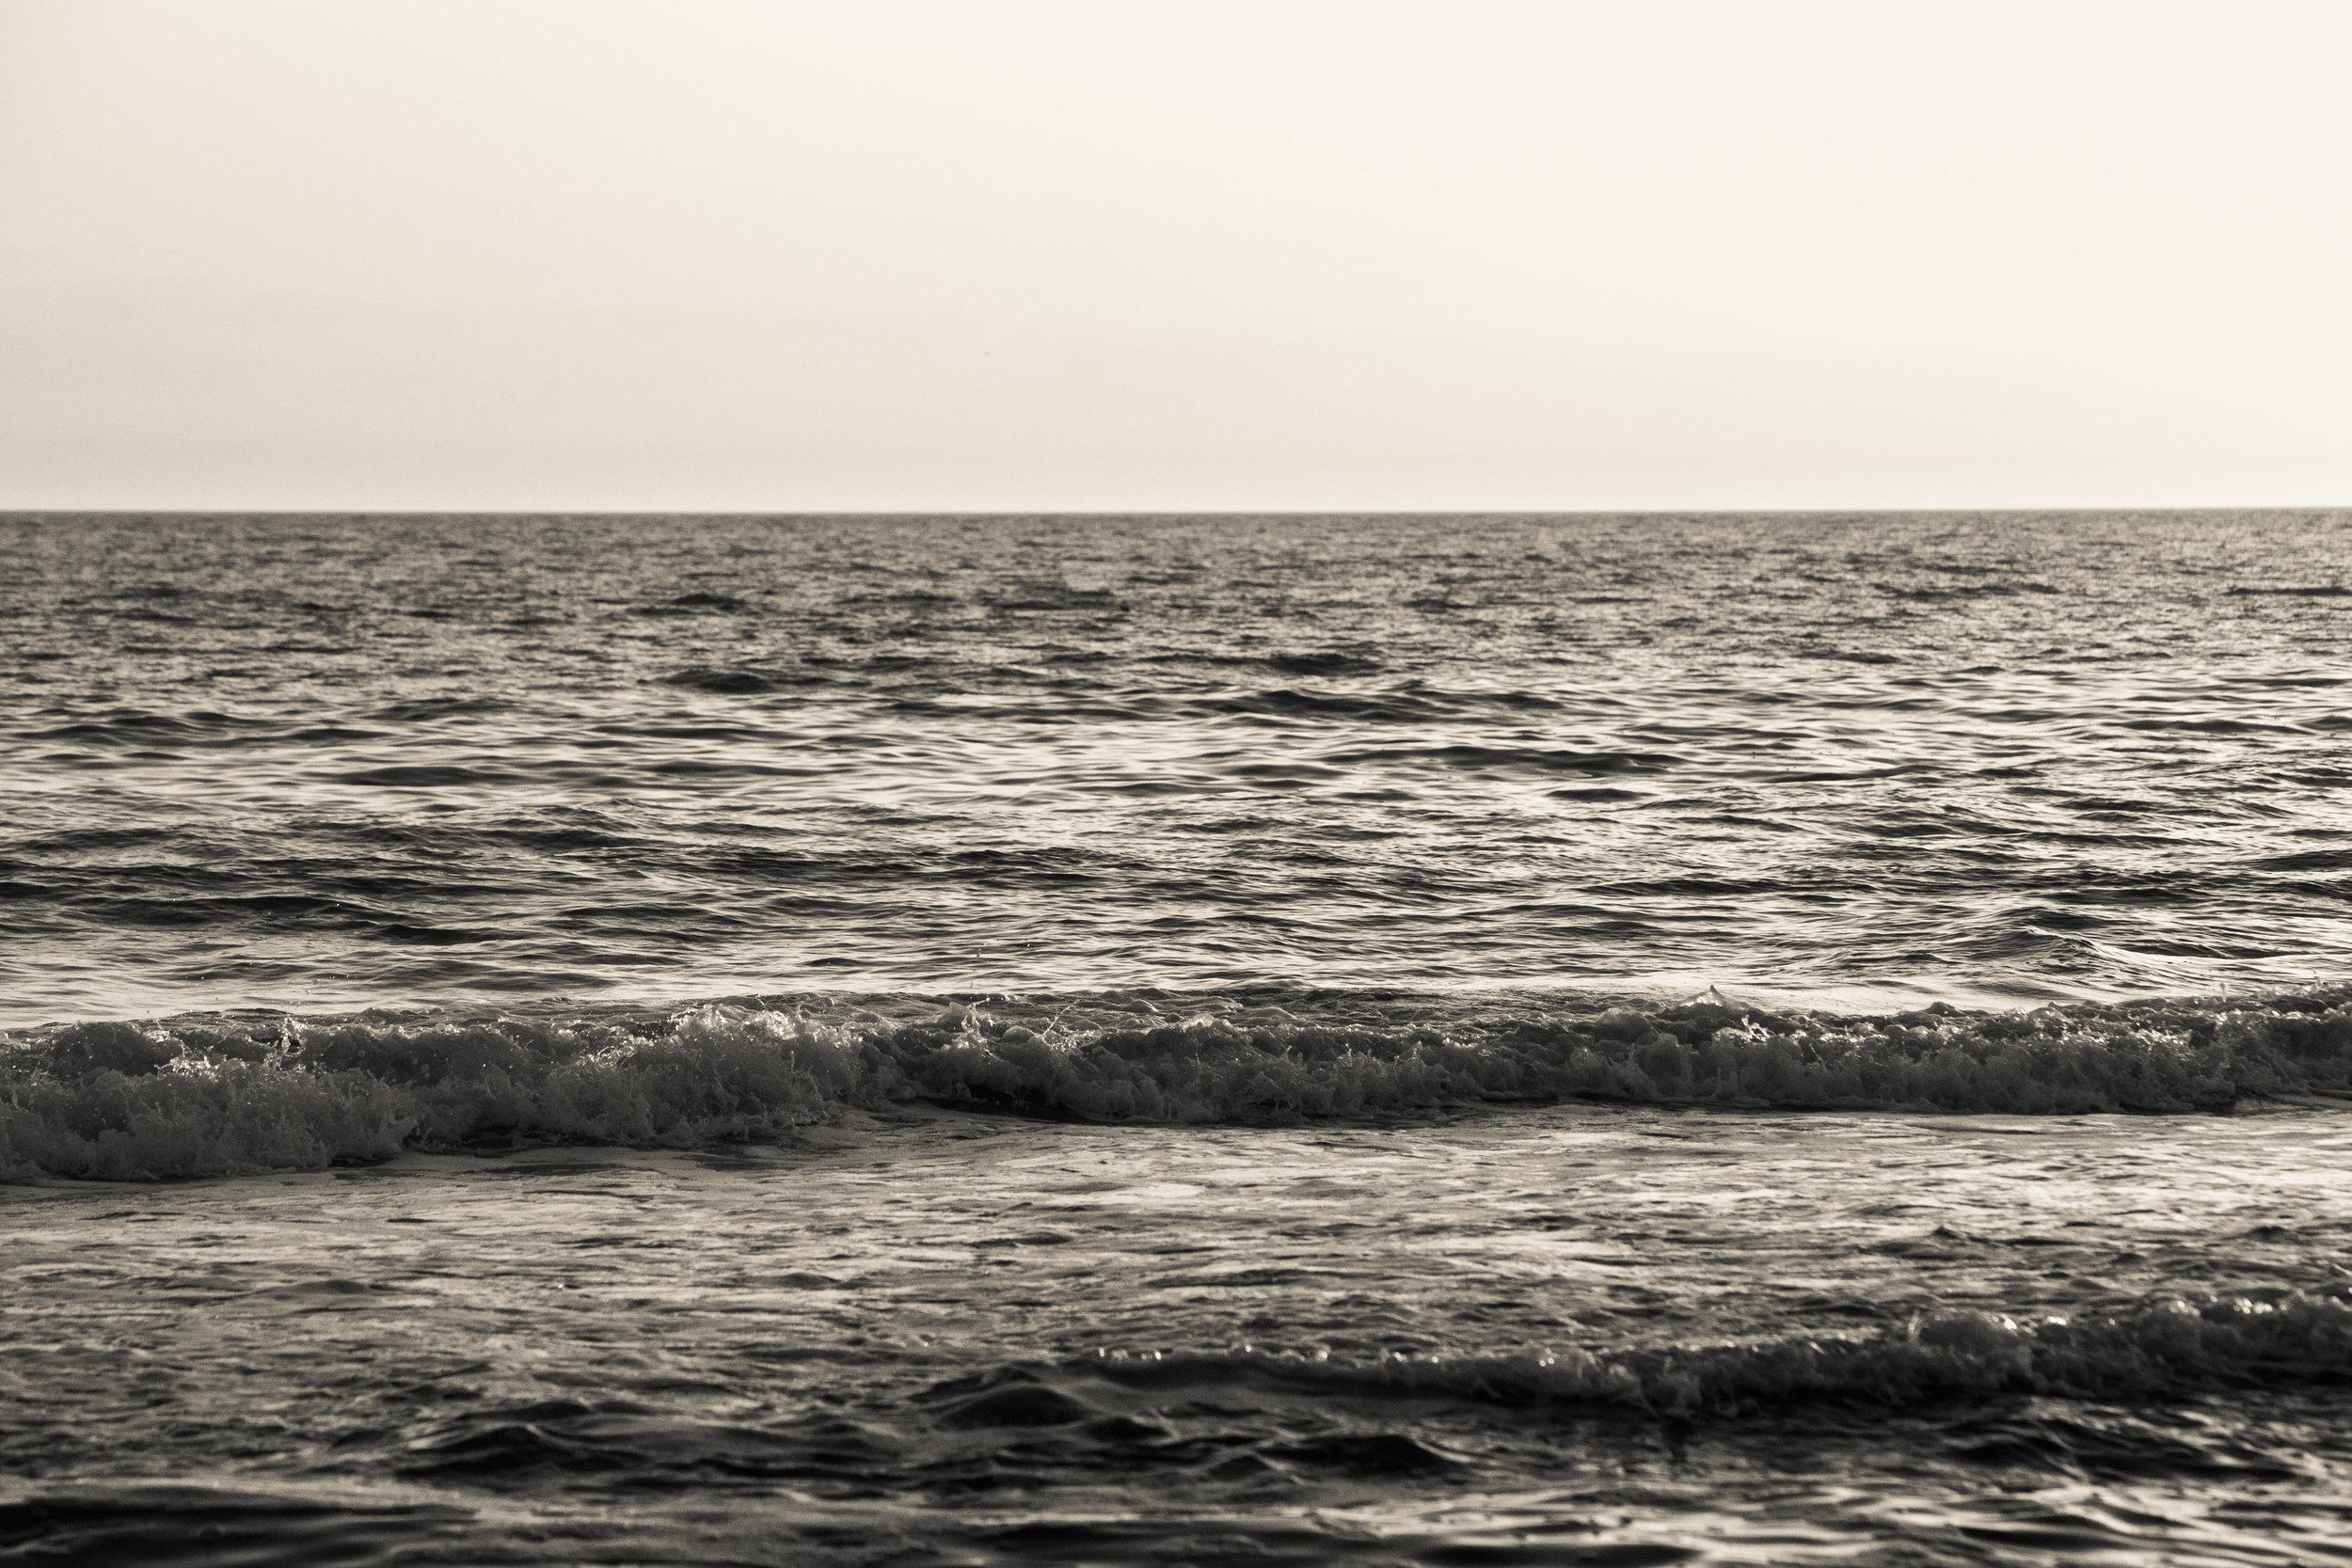 confession-ocean-1303-9024-smugmug.jpg